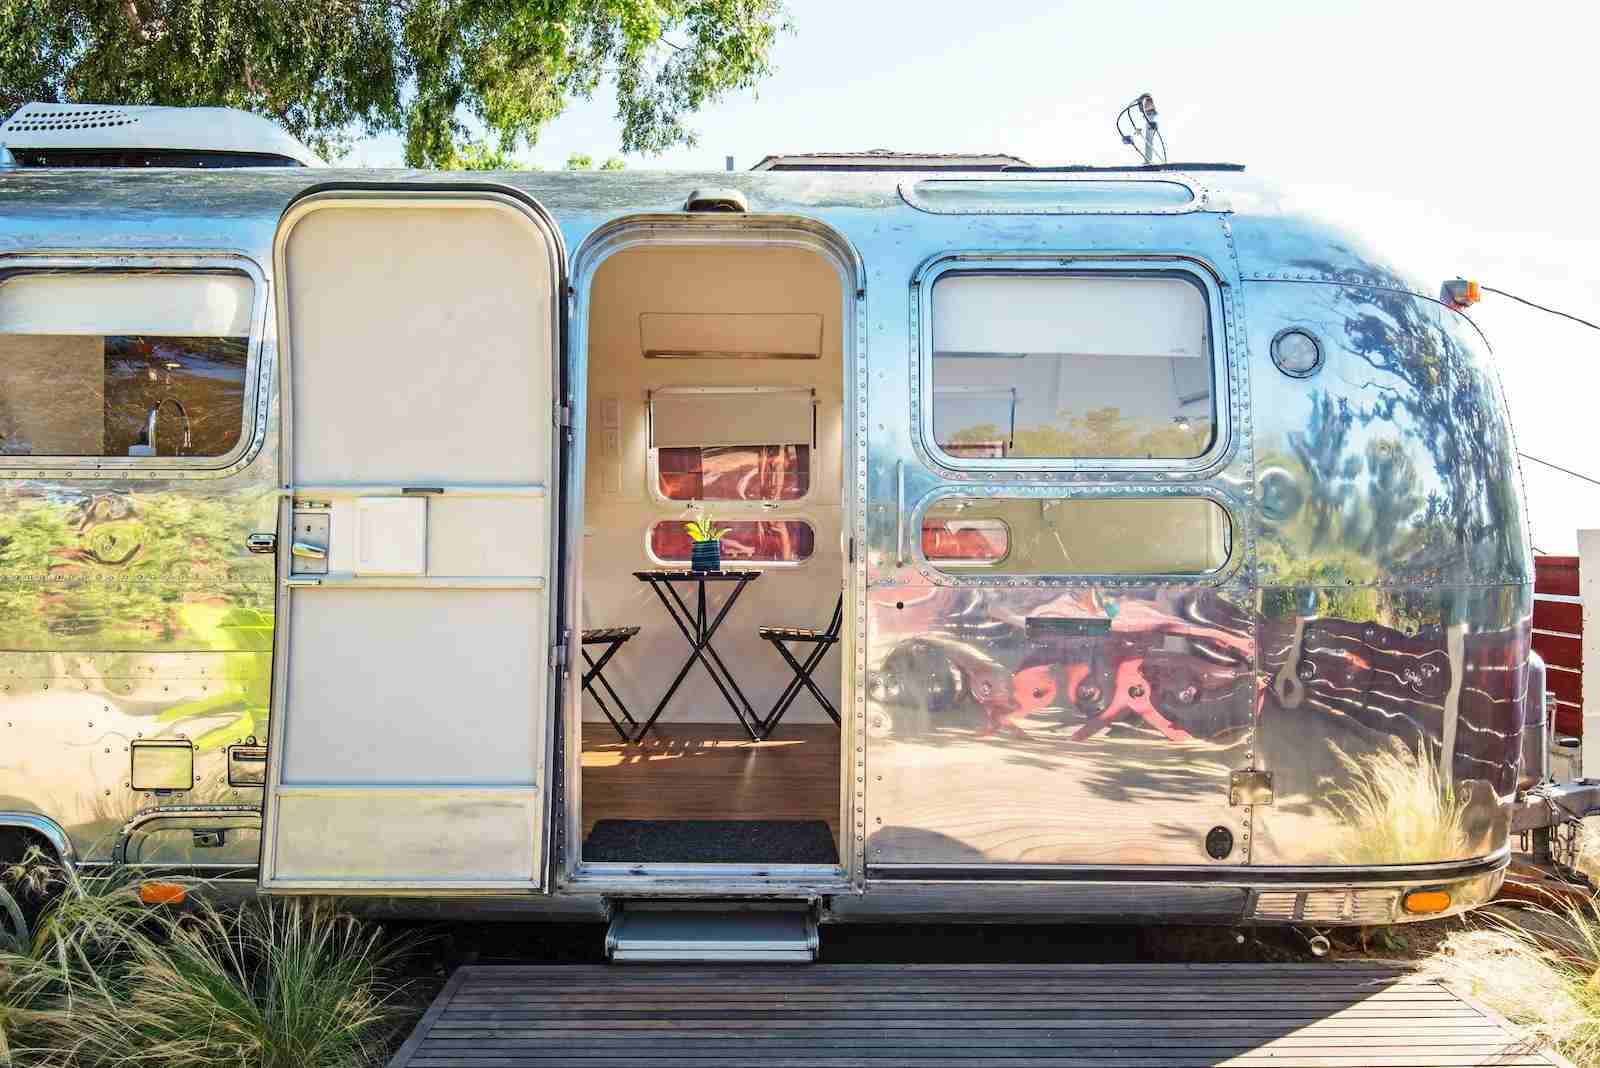 Camper RV Airstream California Airbnb